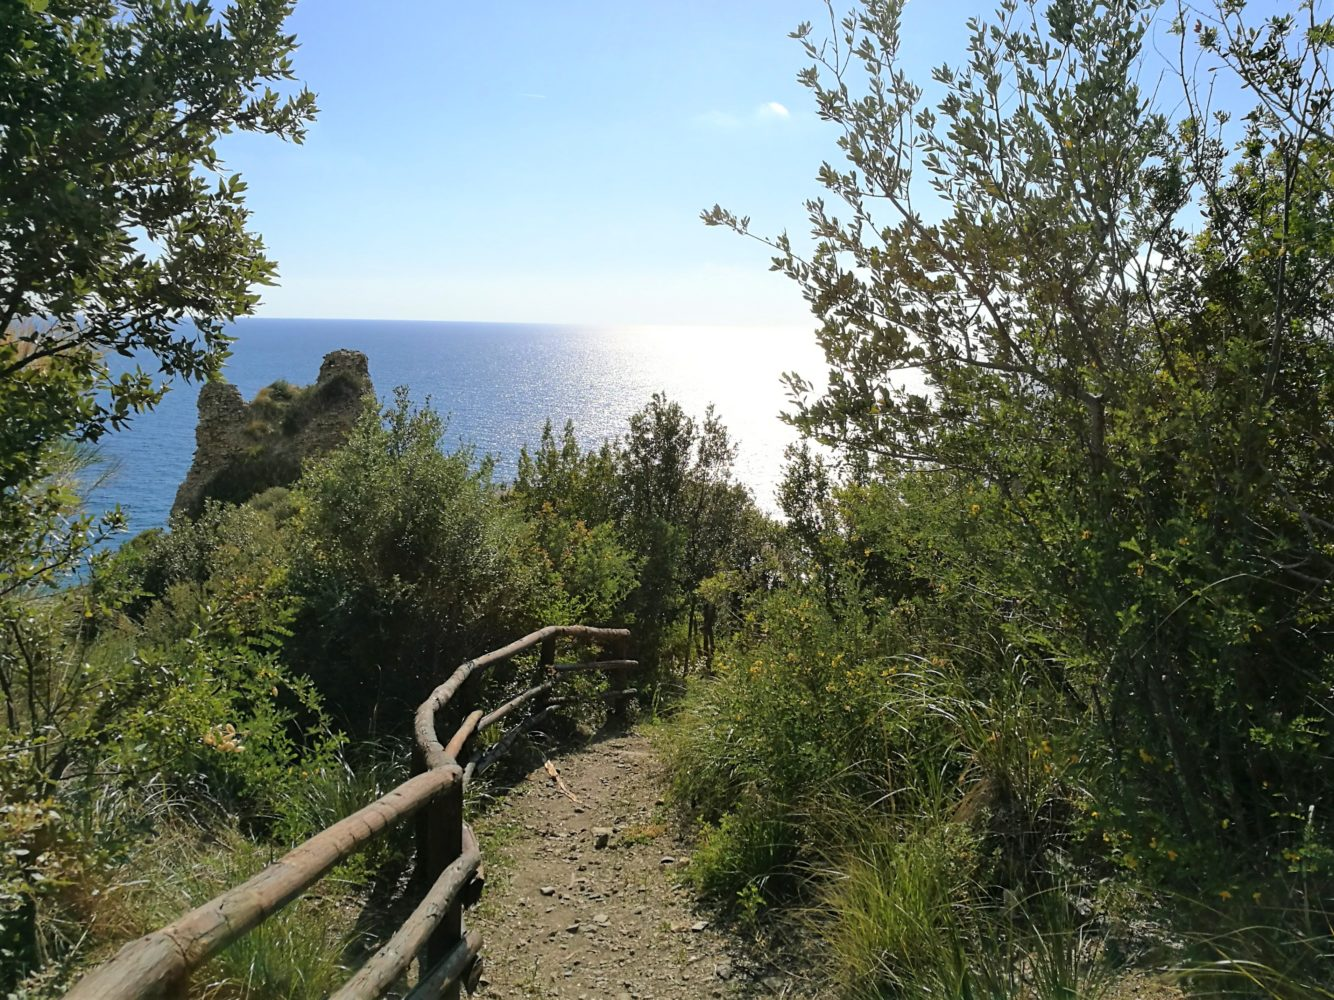 Sentiero degli innamorati ascea marina punta del telegrafo vista torre saracena il cilentano cilento